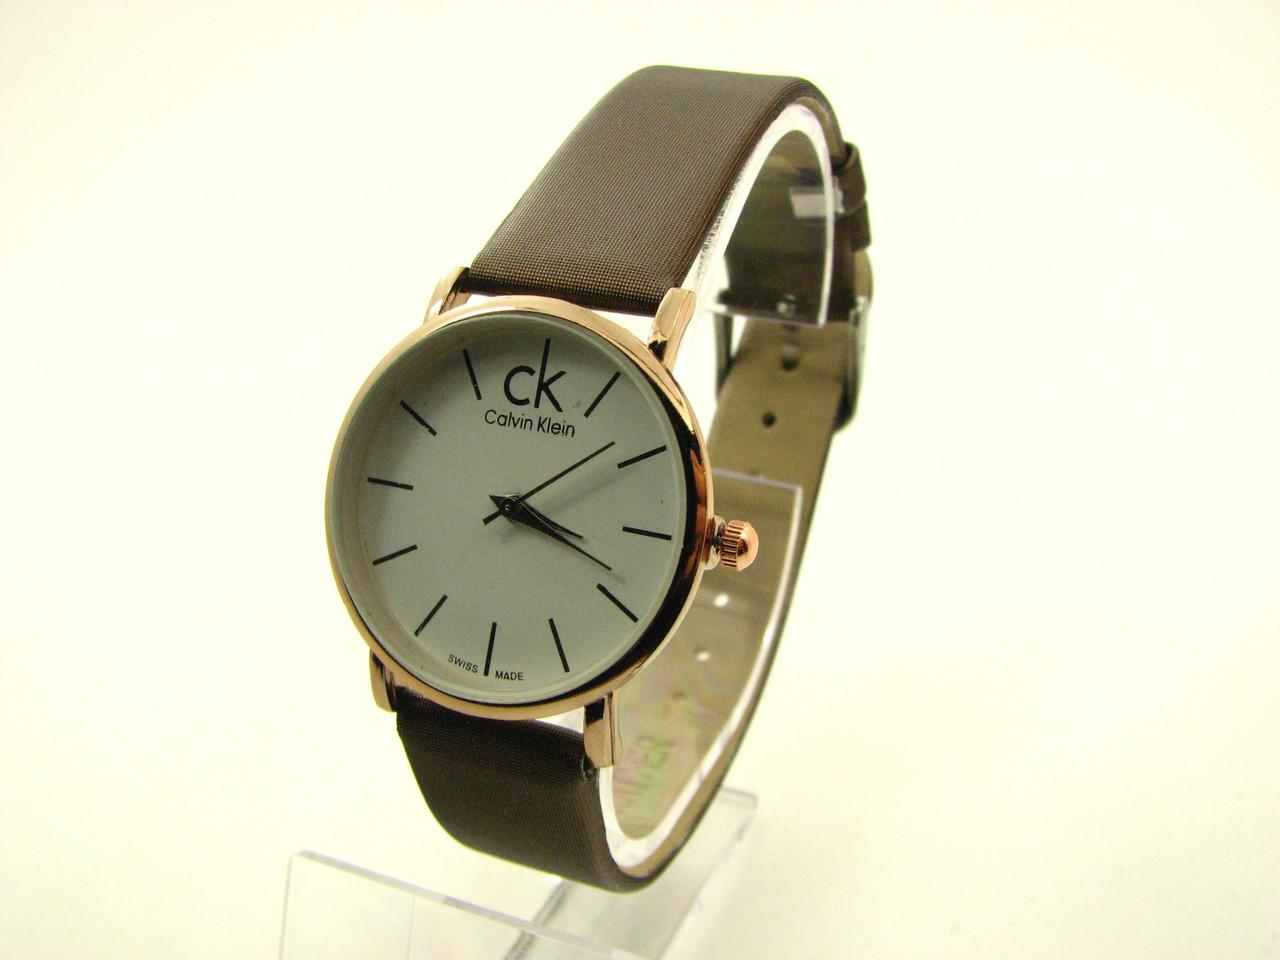 Наручные часы Calvin Klein (реплика). Золотой корпус, белый циферблат, коричневый ремешок /859 9-1